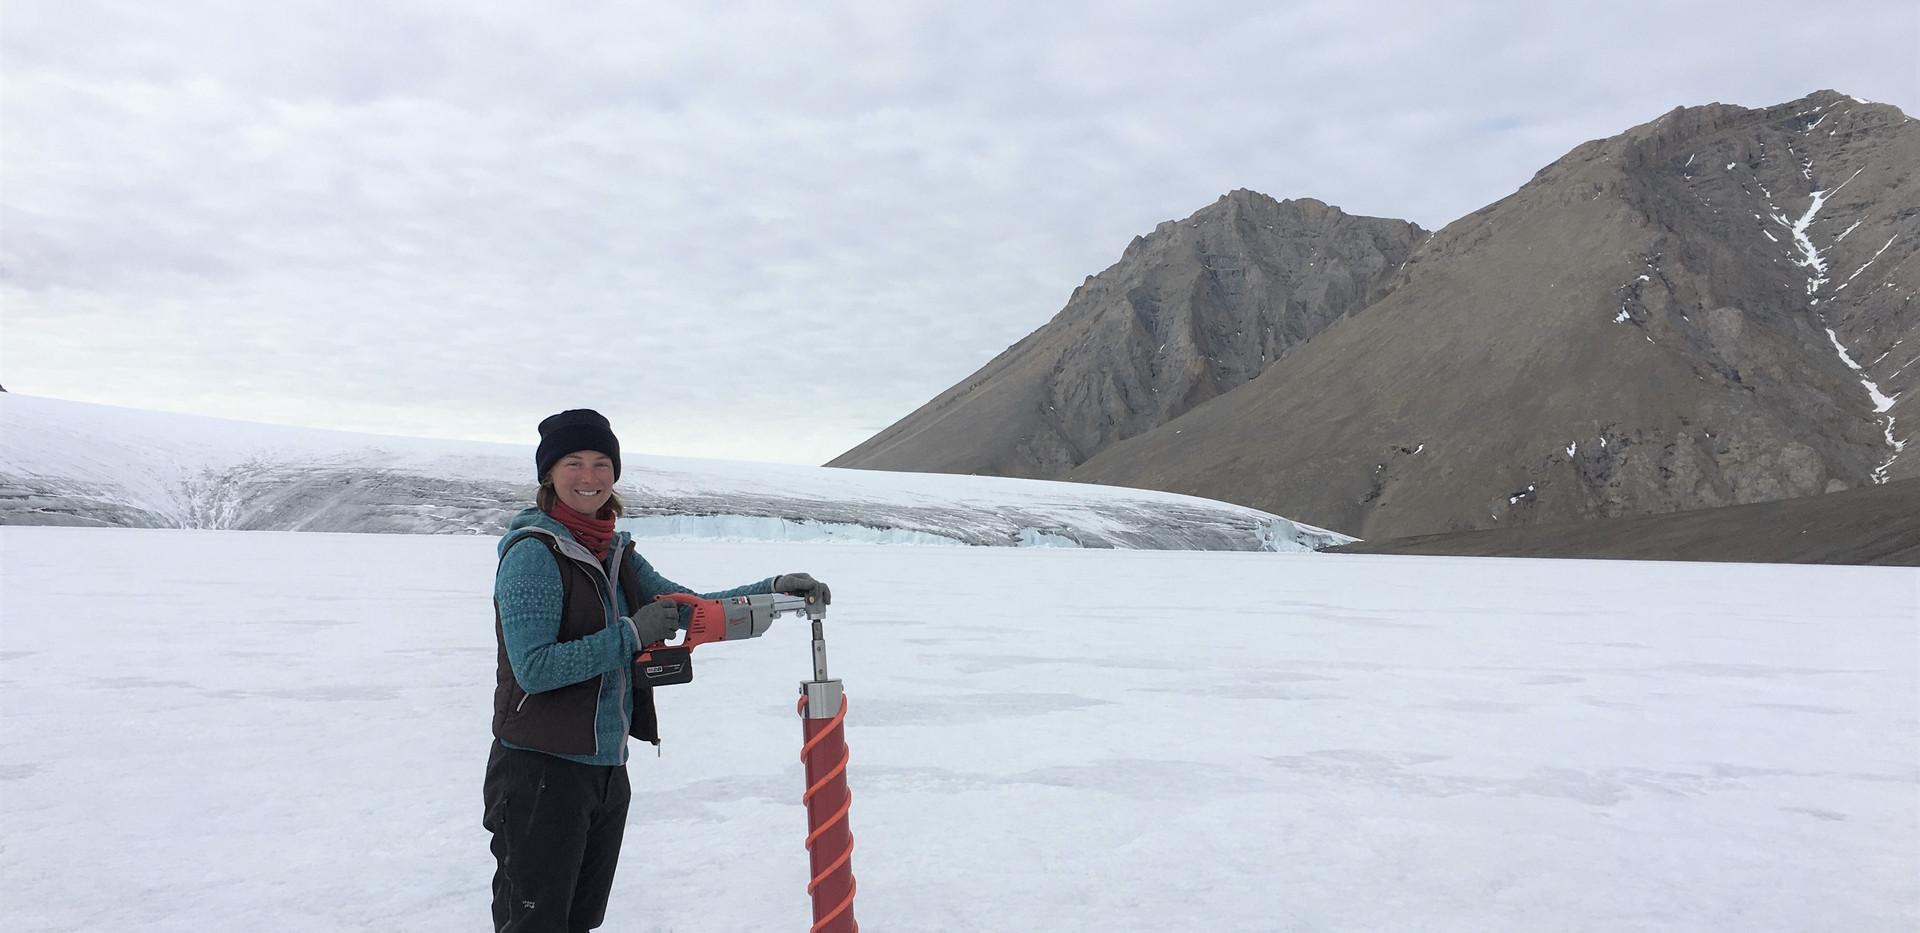 Ice sampling at Thores lake, Nunavut